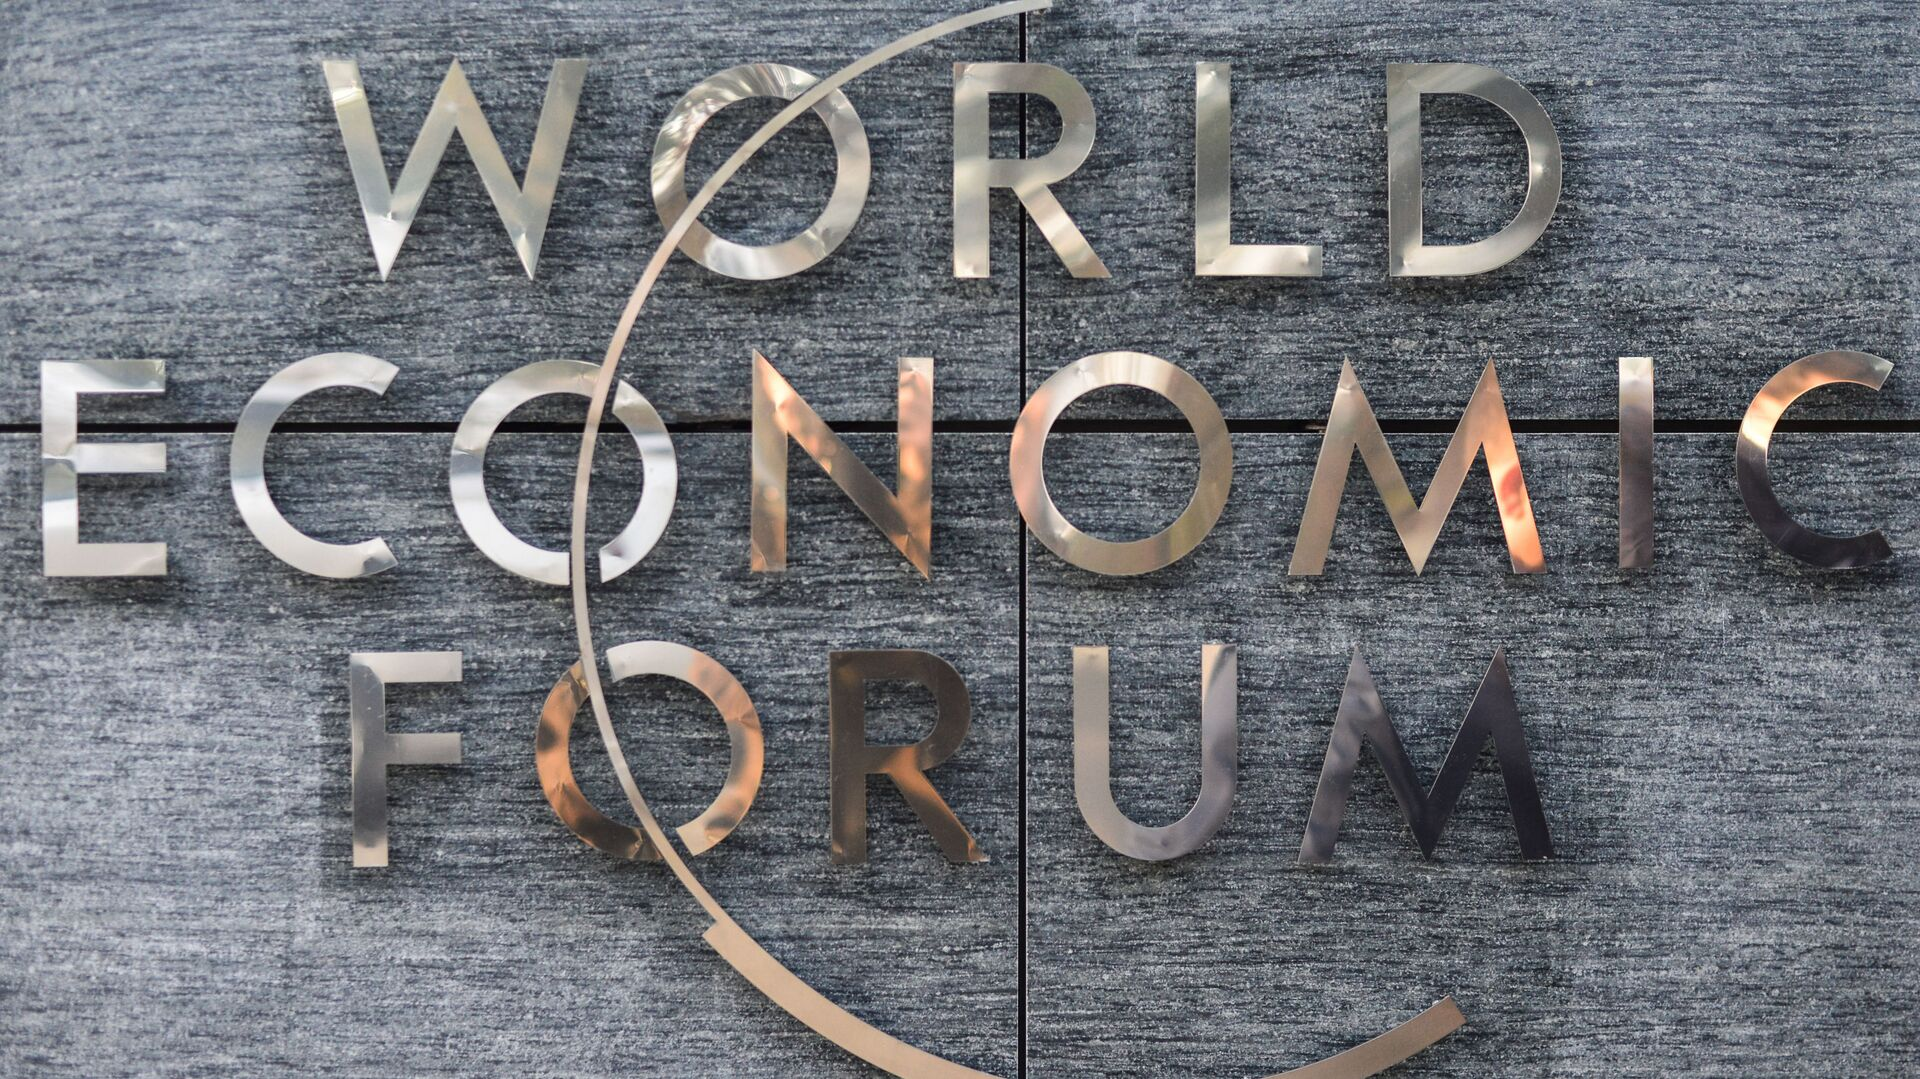 Табличка на въезде на территорию швейцарской неправительственной организации Всемирный экономический форум (WEF) в Женеве - РИА Новости, 1920, 26.08.2020